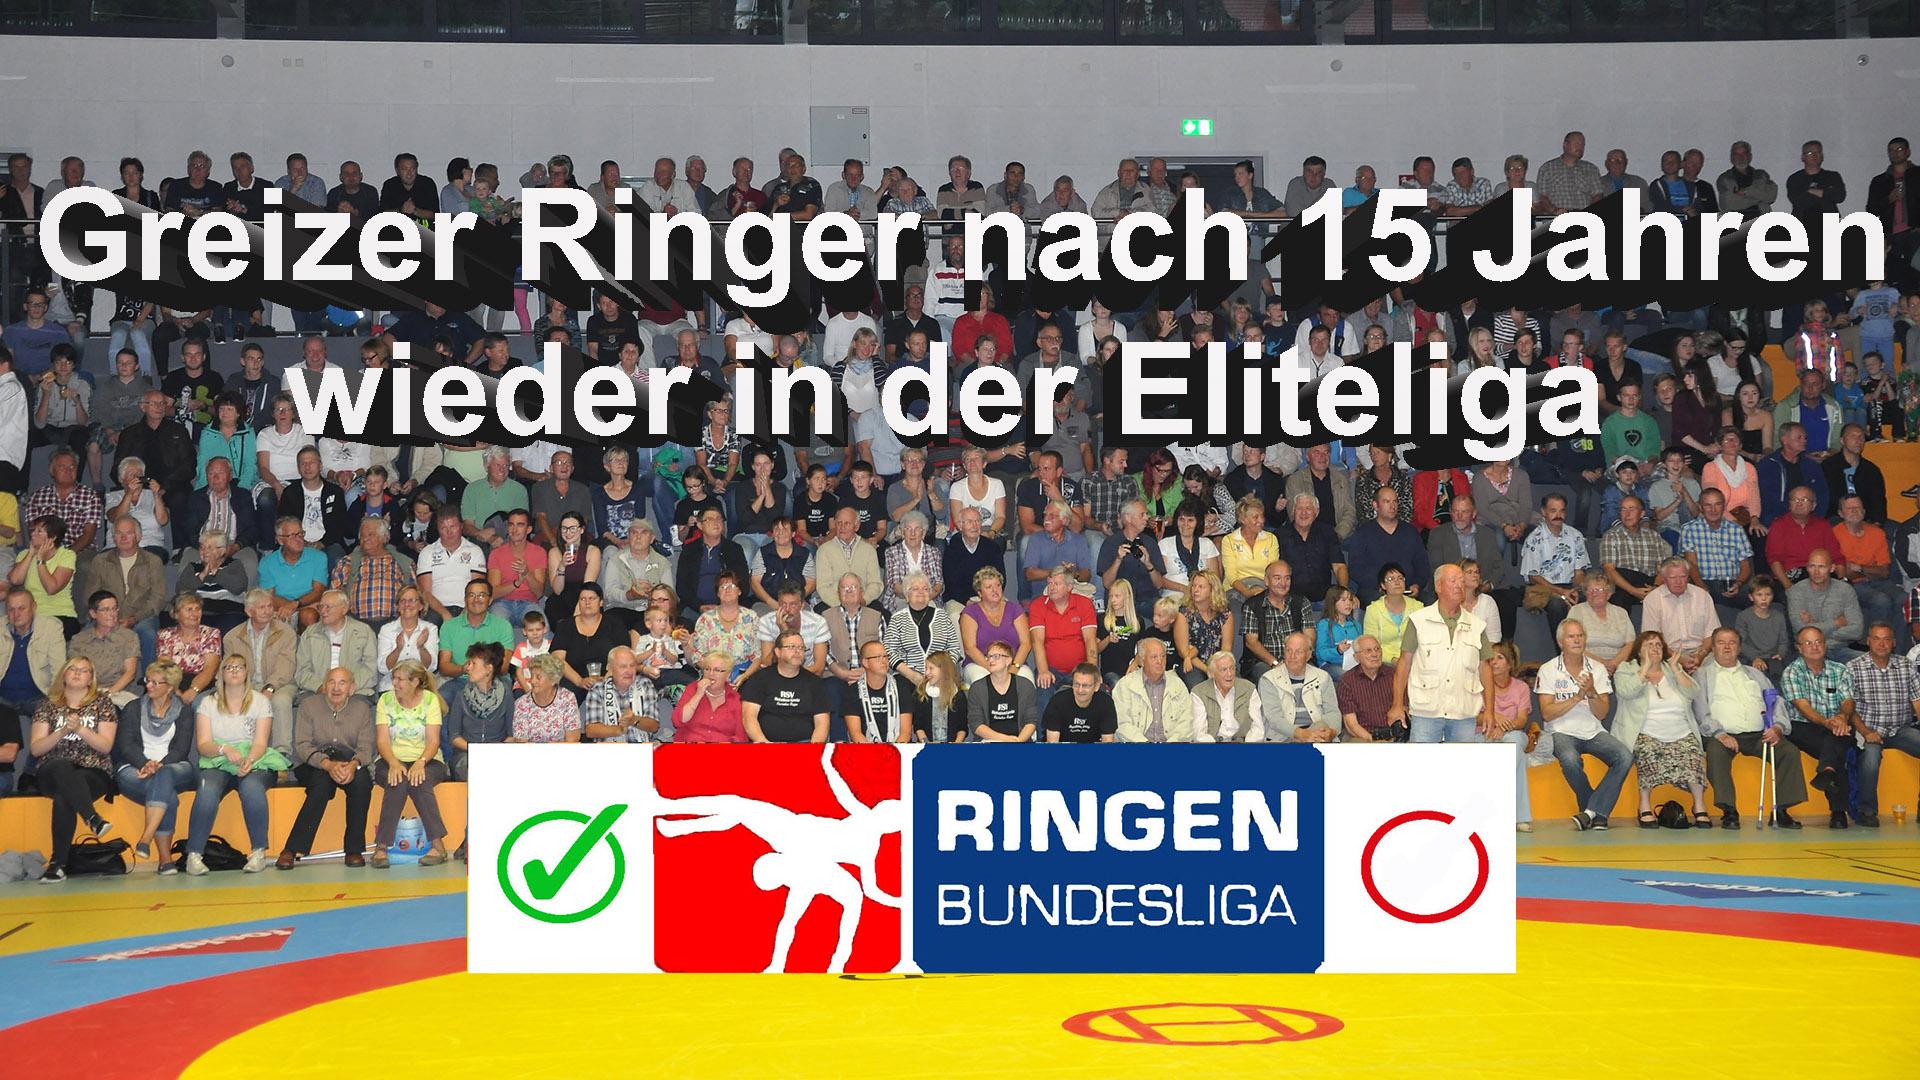 RSV Rotation: Greizer Ringer nach 15 Jahren wieder in der Eliteliga